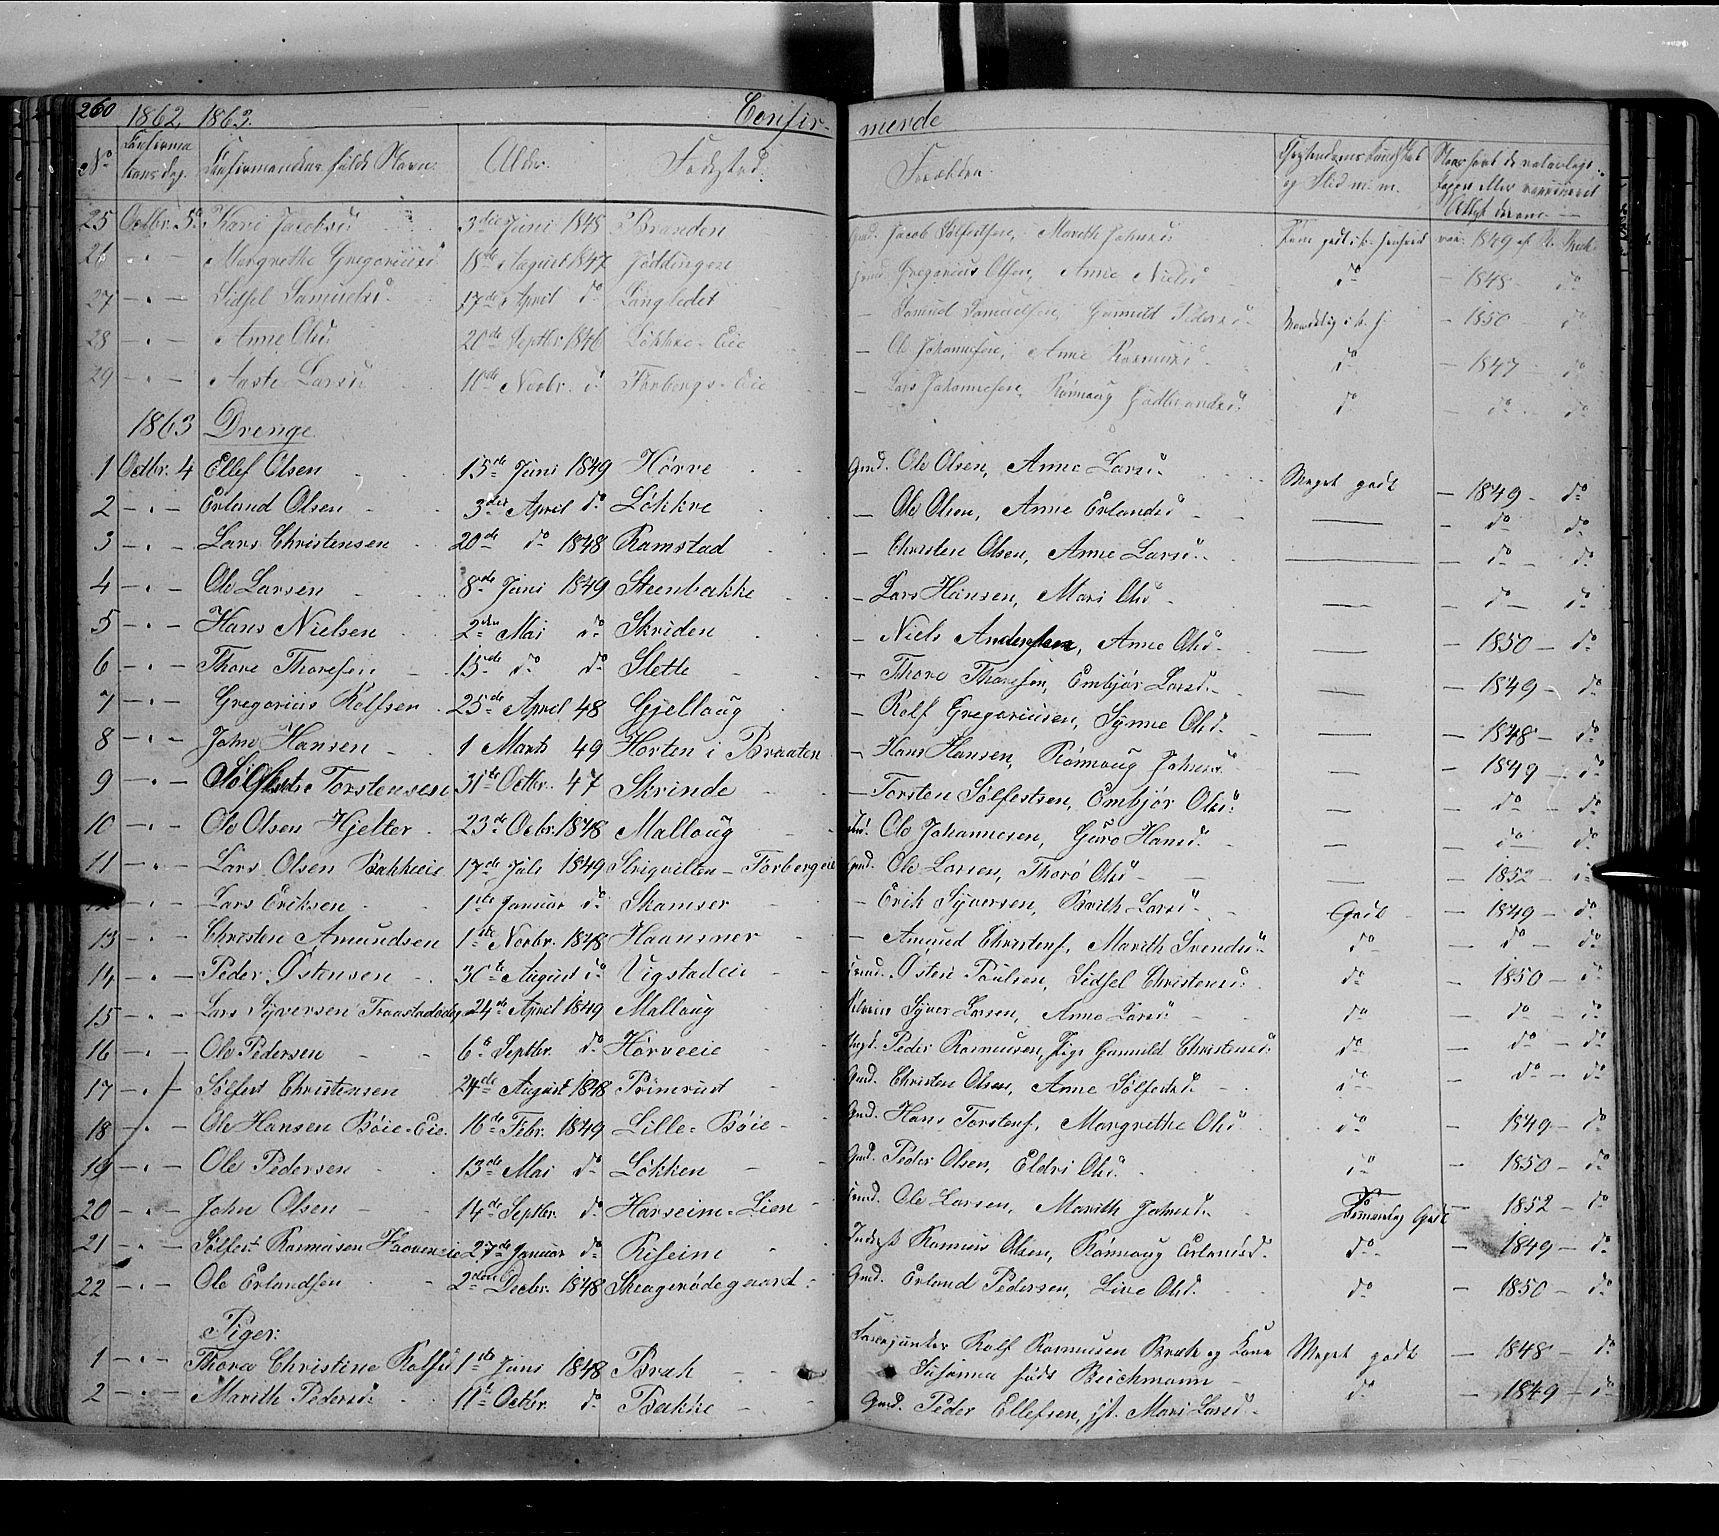 SAH, Lom prestekontor, L/L0004: Klokkerbok nr. 4, 1845-1864, s. 260-261